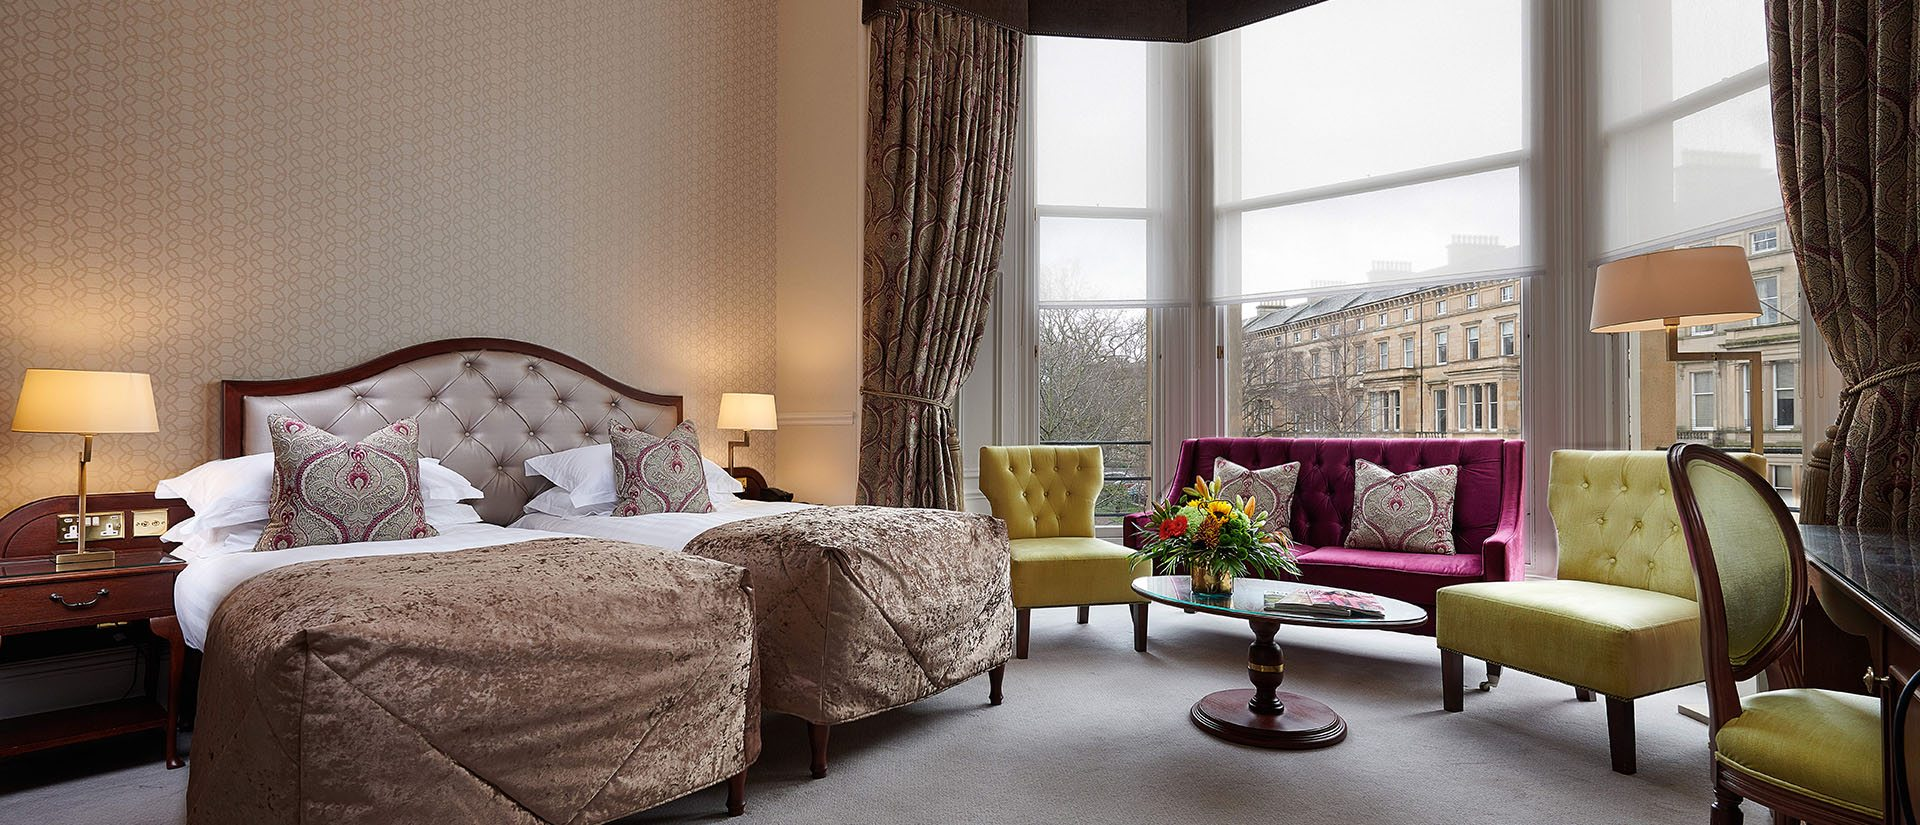 Superior Bedroom at The Bonham